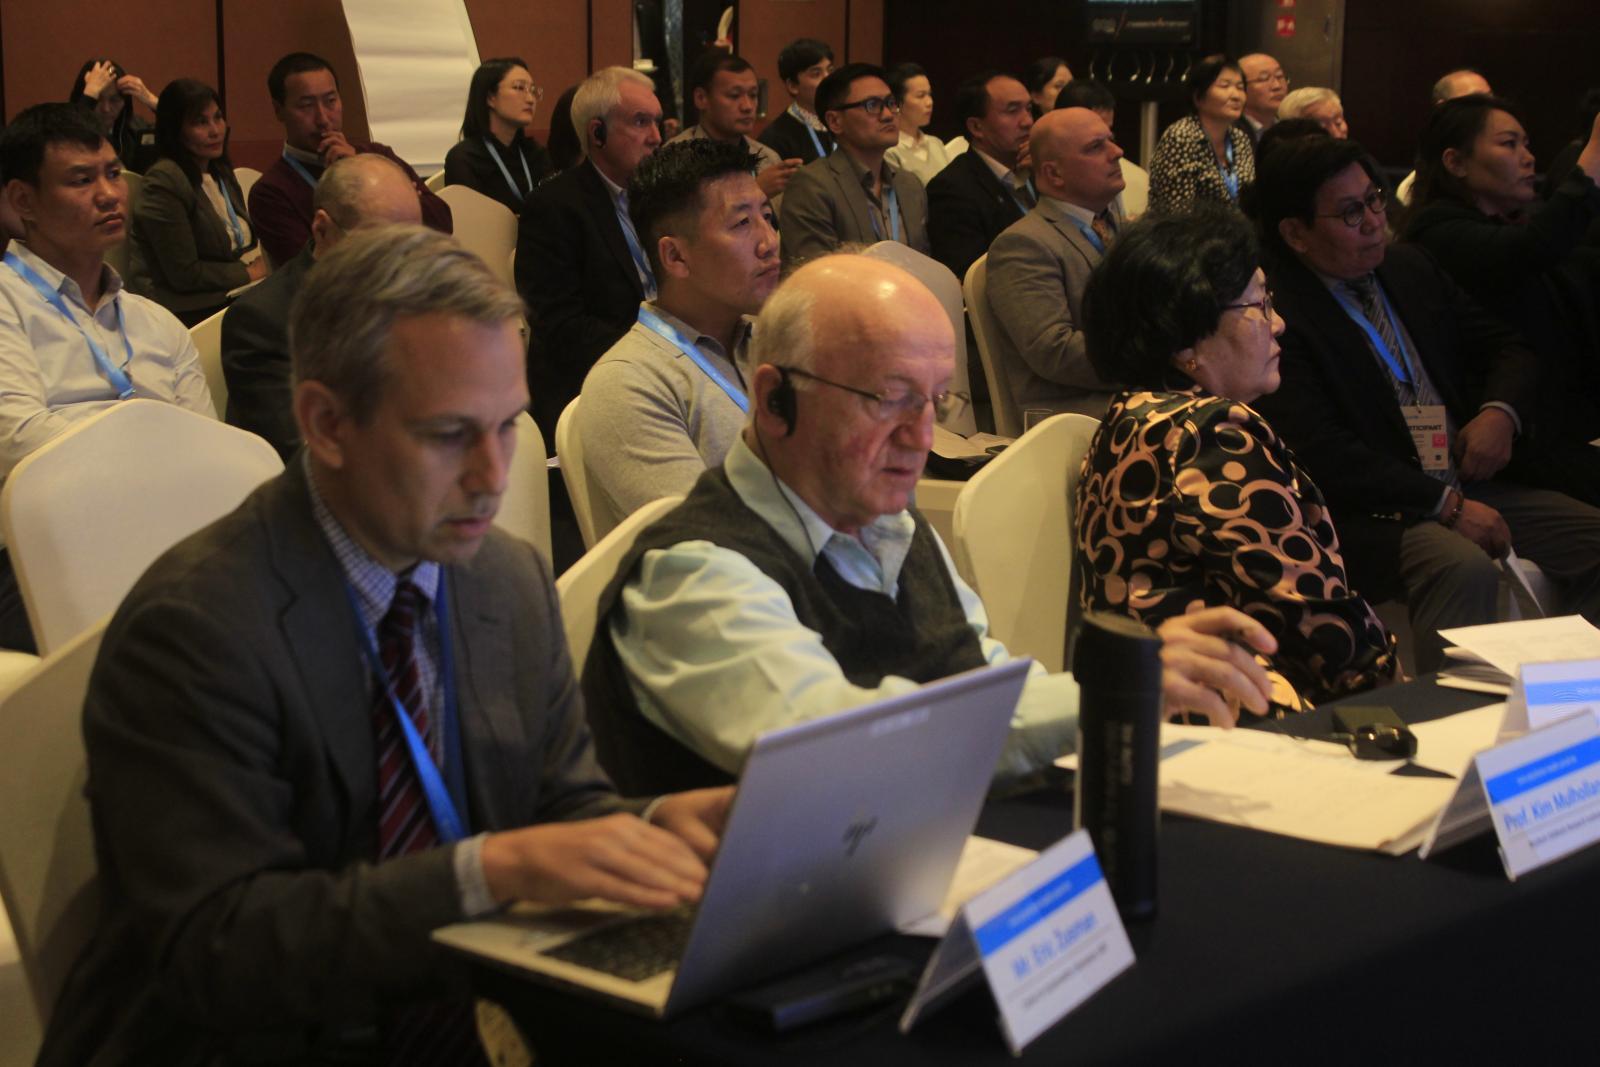 Азийн эрдэмтэд, бодлого тодорхойлогчид агаарын бохирдлын асуудлаар Улаанбаатар хотод чуулж байна